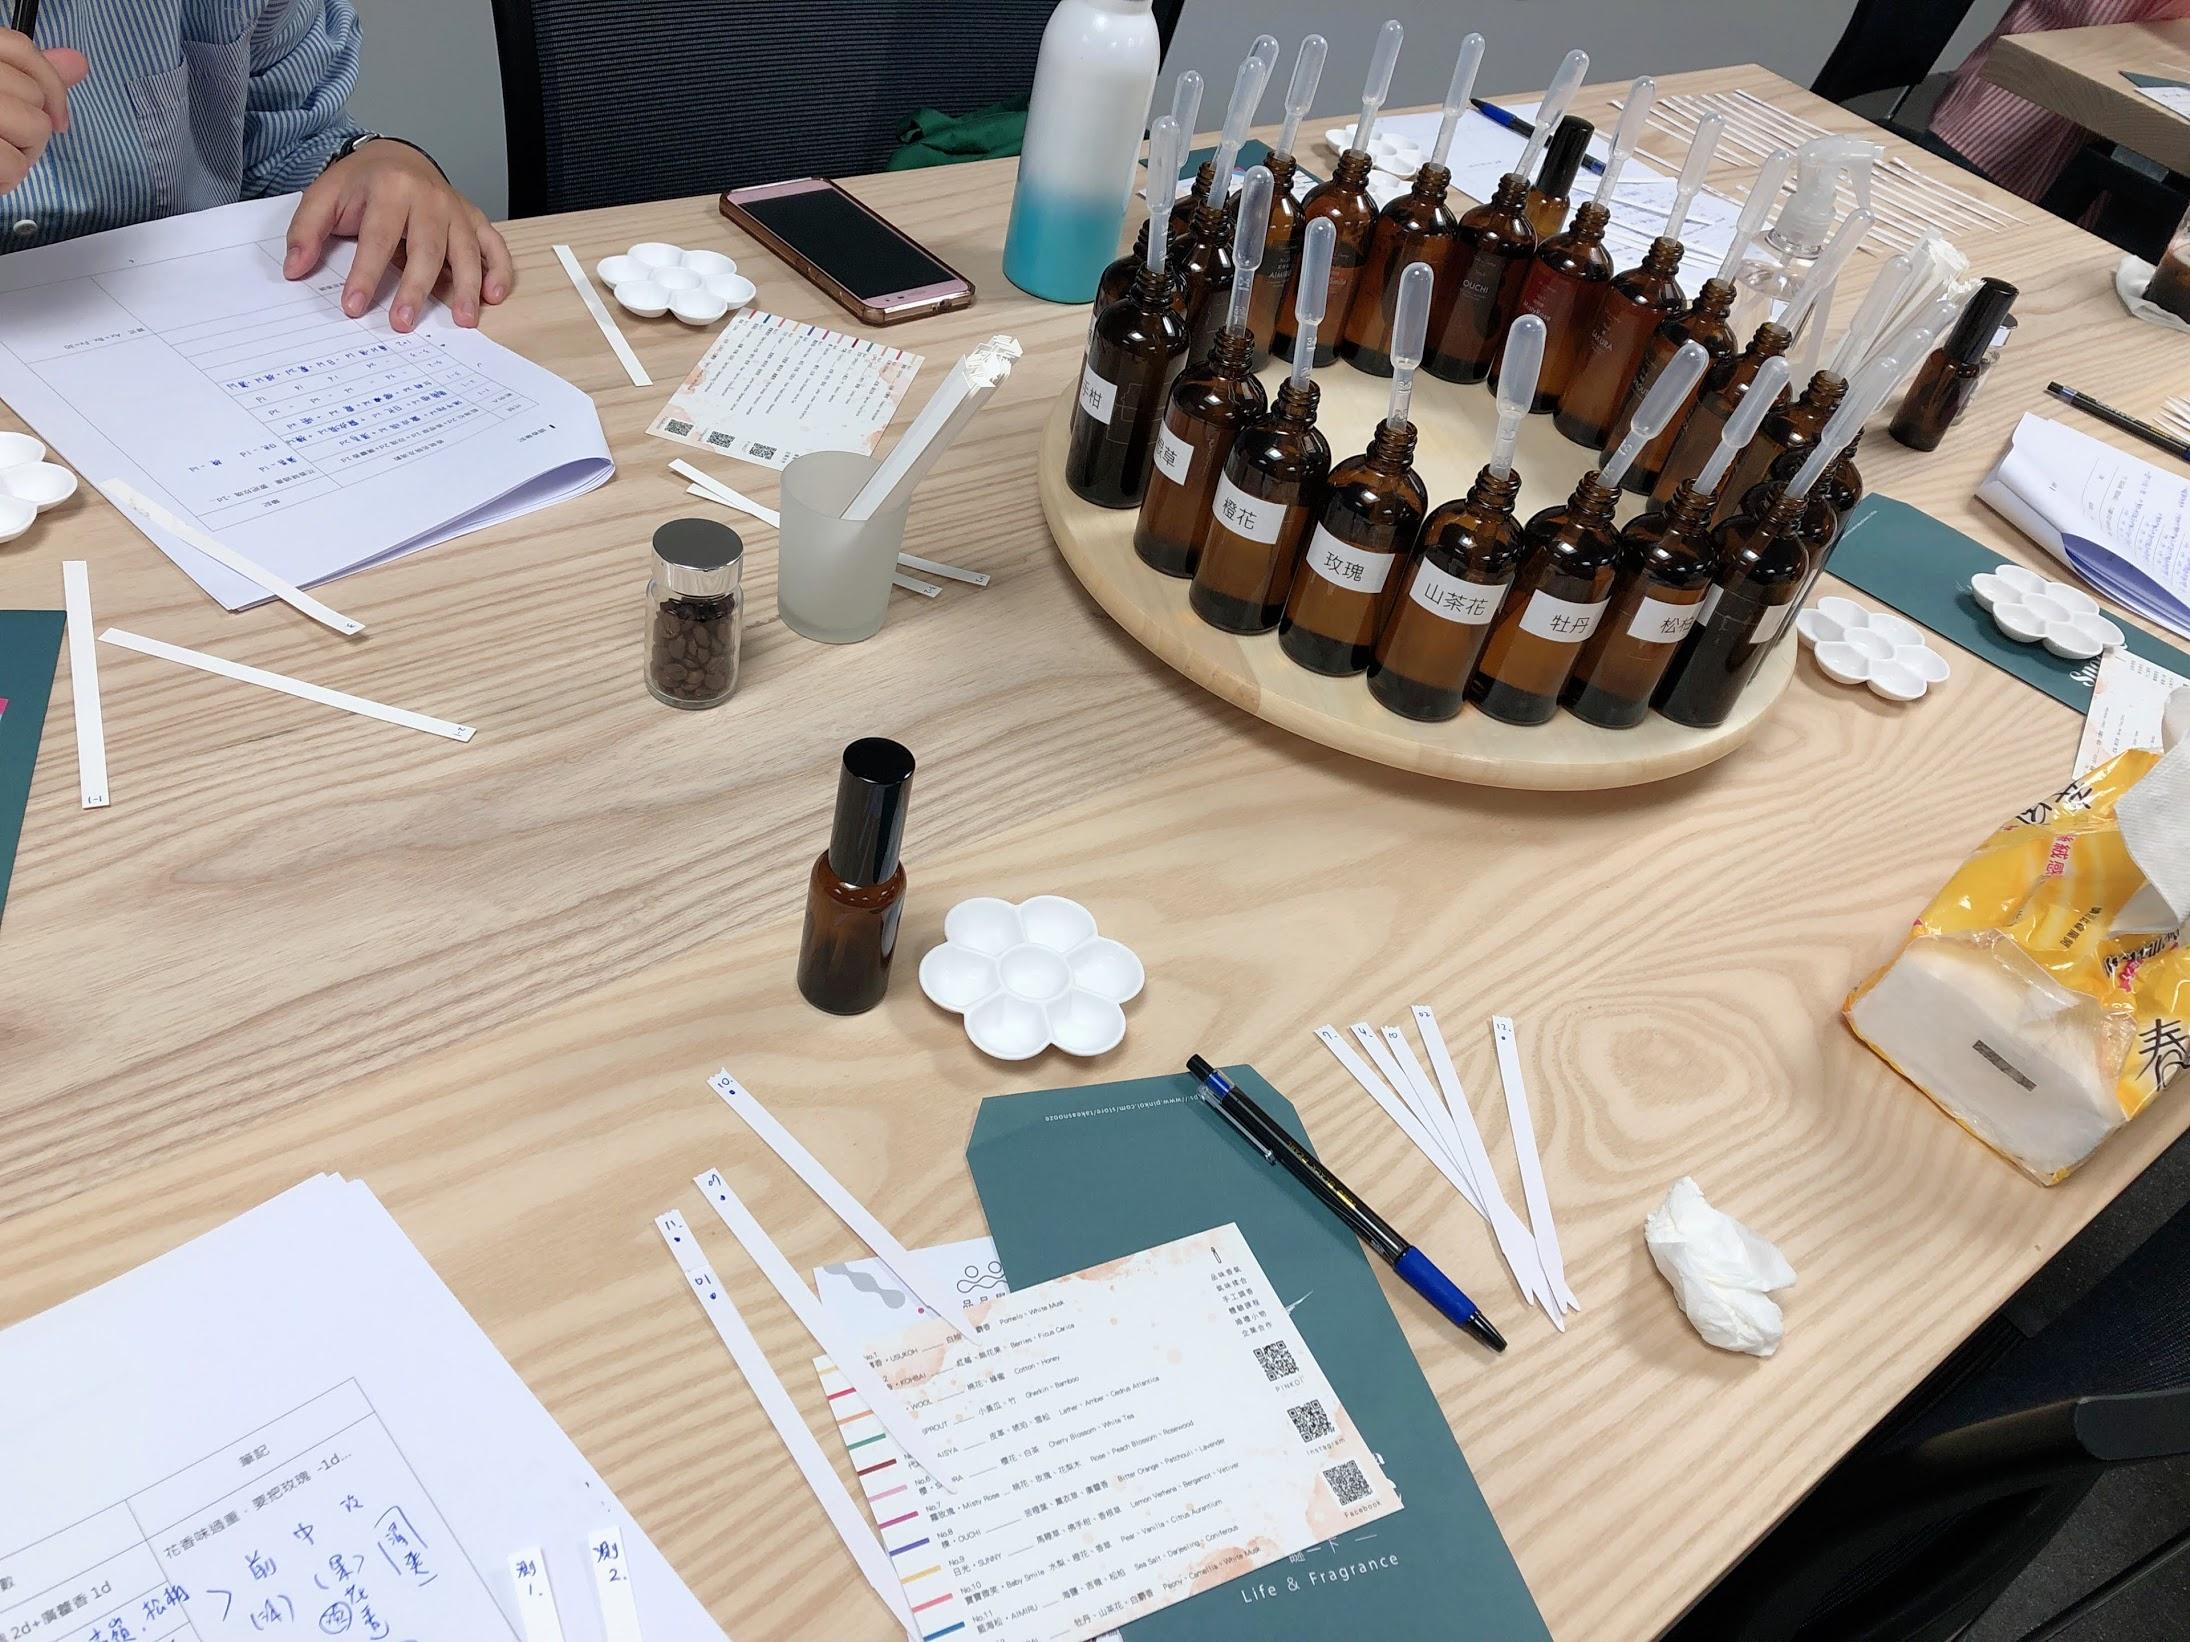 【Pinkoi品品學堂 X Take a Snooze瞇一下】調製香水課程初體驗,一次就成功調出好味道 @秤瓶樂遊遊